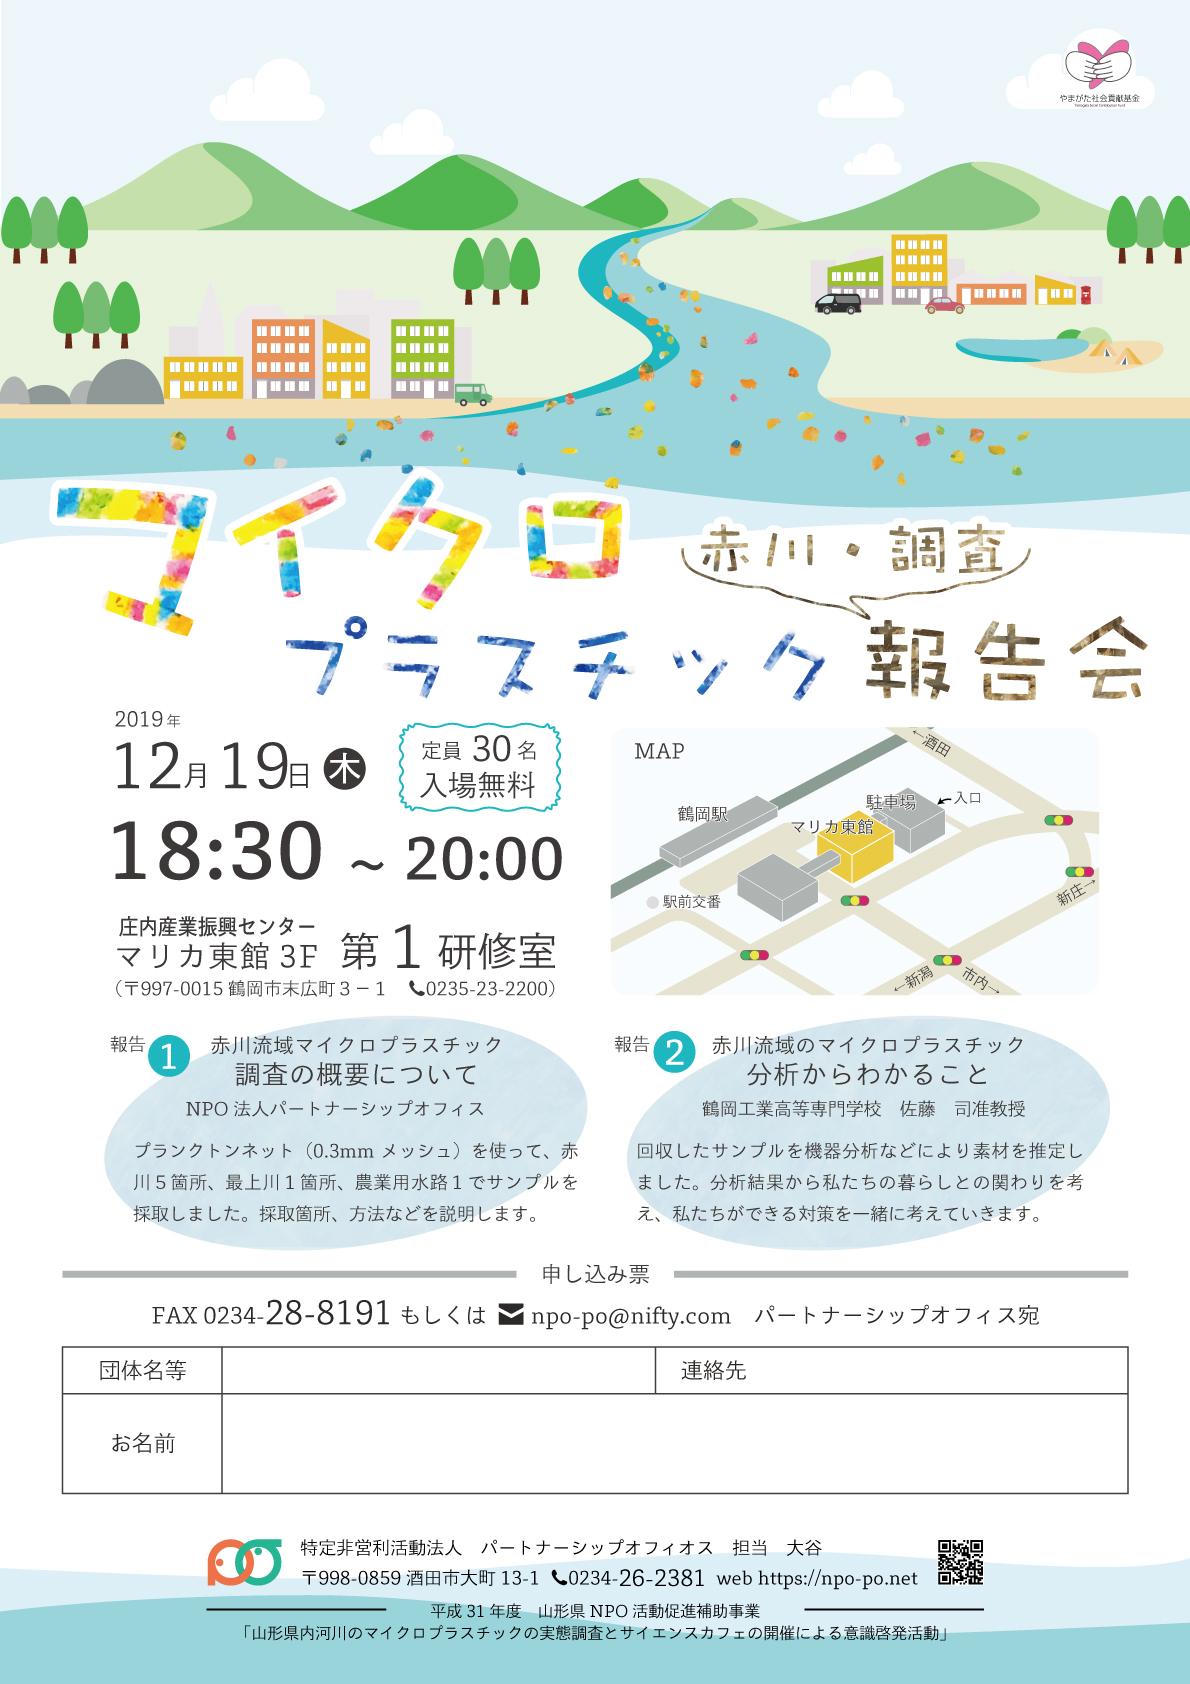 マイクロプラスチック調査報告会(赤川)を開催